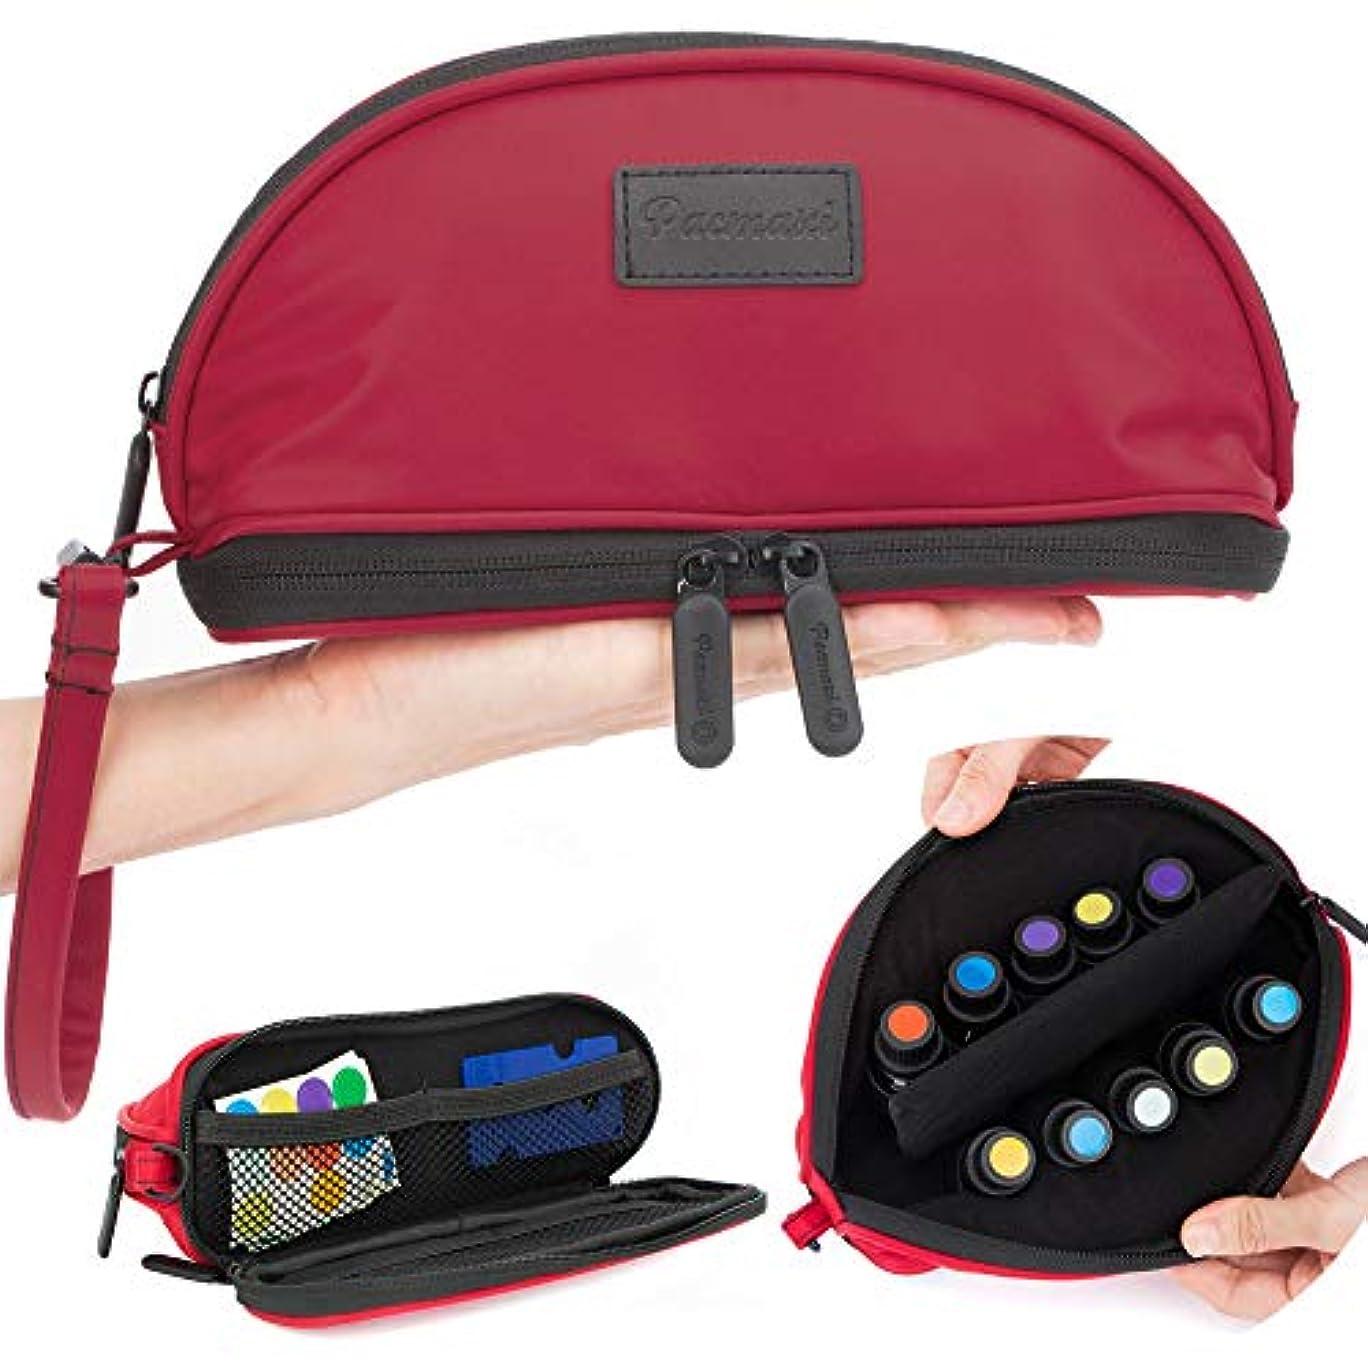 メッシュ食事を調理する脅かす[Pacmaxi]エッセンシャルオイル 収納ポーチ 携帯便利 旅行 10本収納(5ml - 15ml) ナイロン製 撥水加工 ストラップあり (レッド)